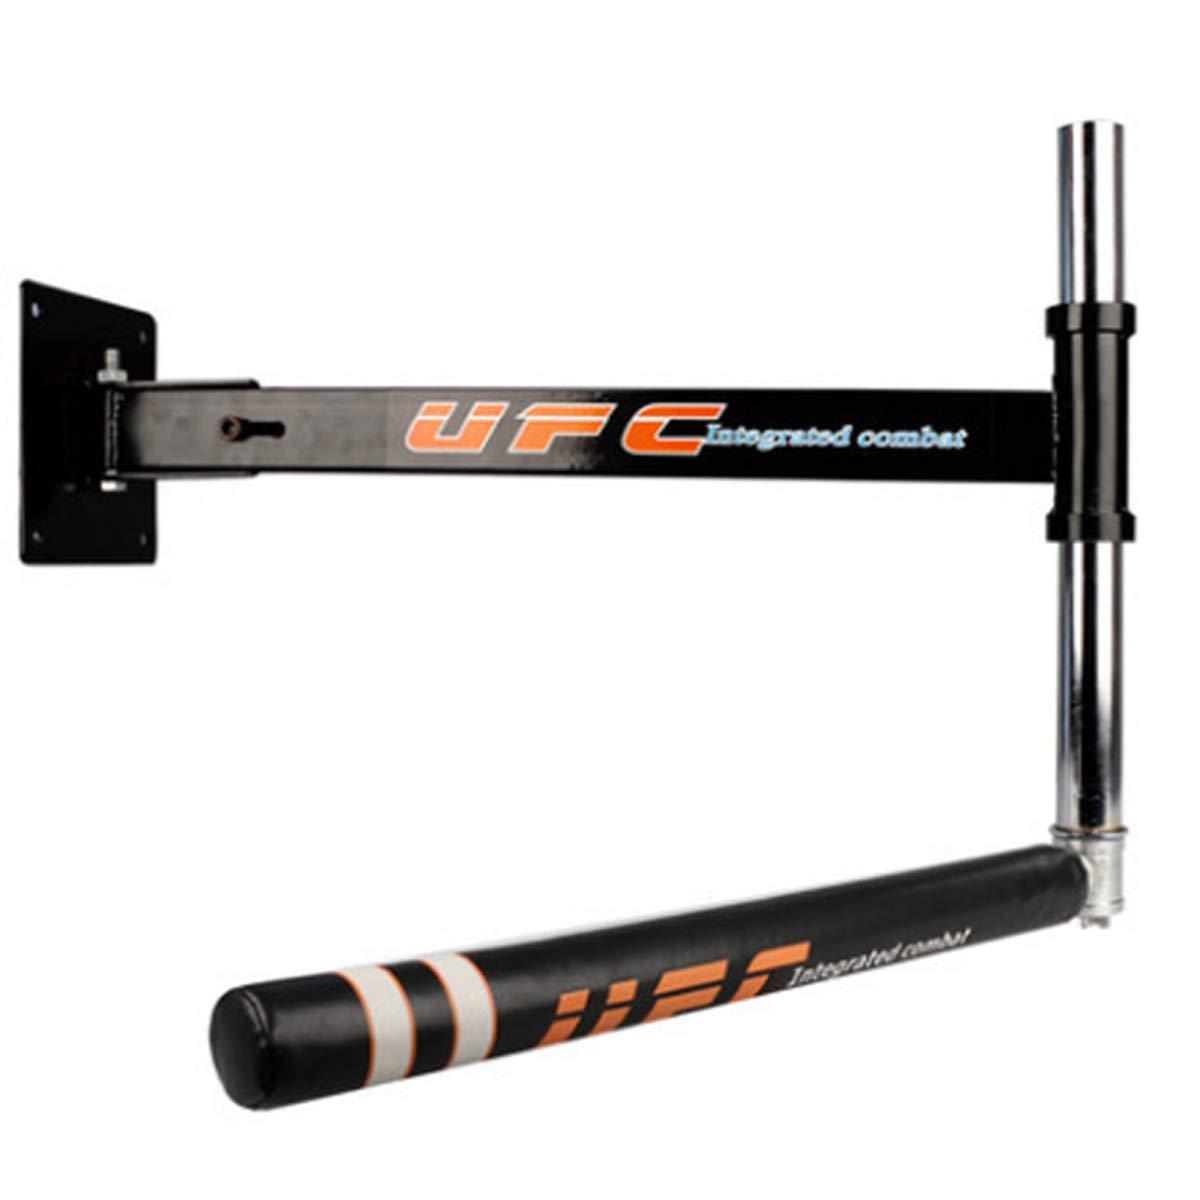 Grist CC Wandmontage Verstellbare Zielscheibe f/ür Boxen-und Kampfkunst-Training Reflex-System